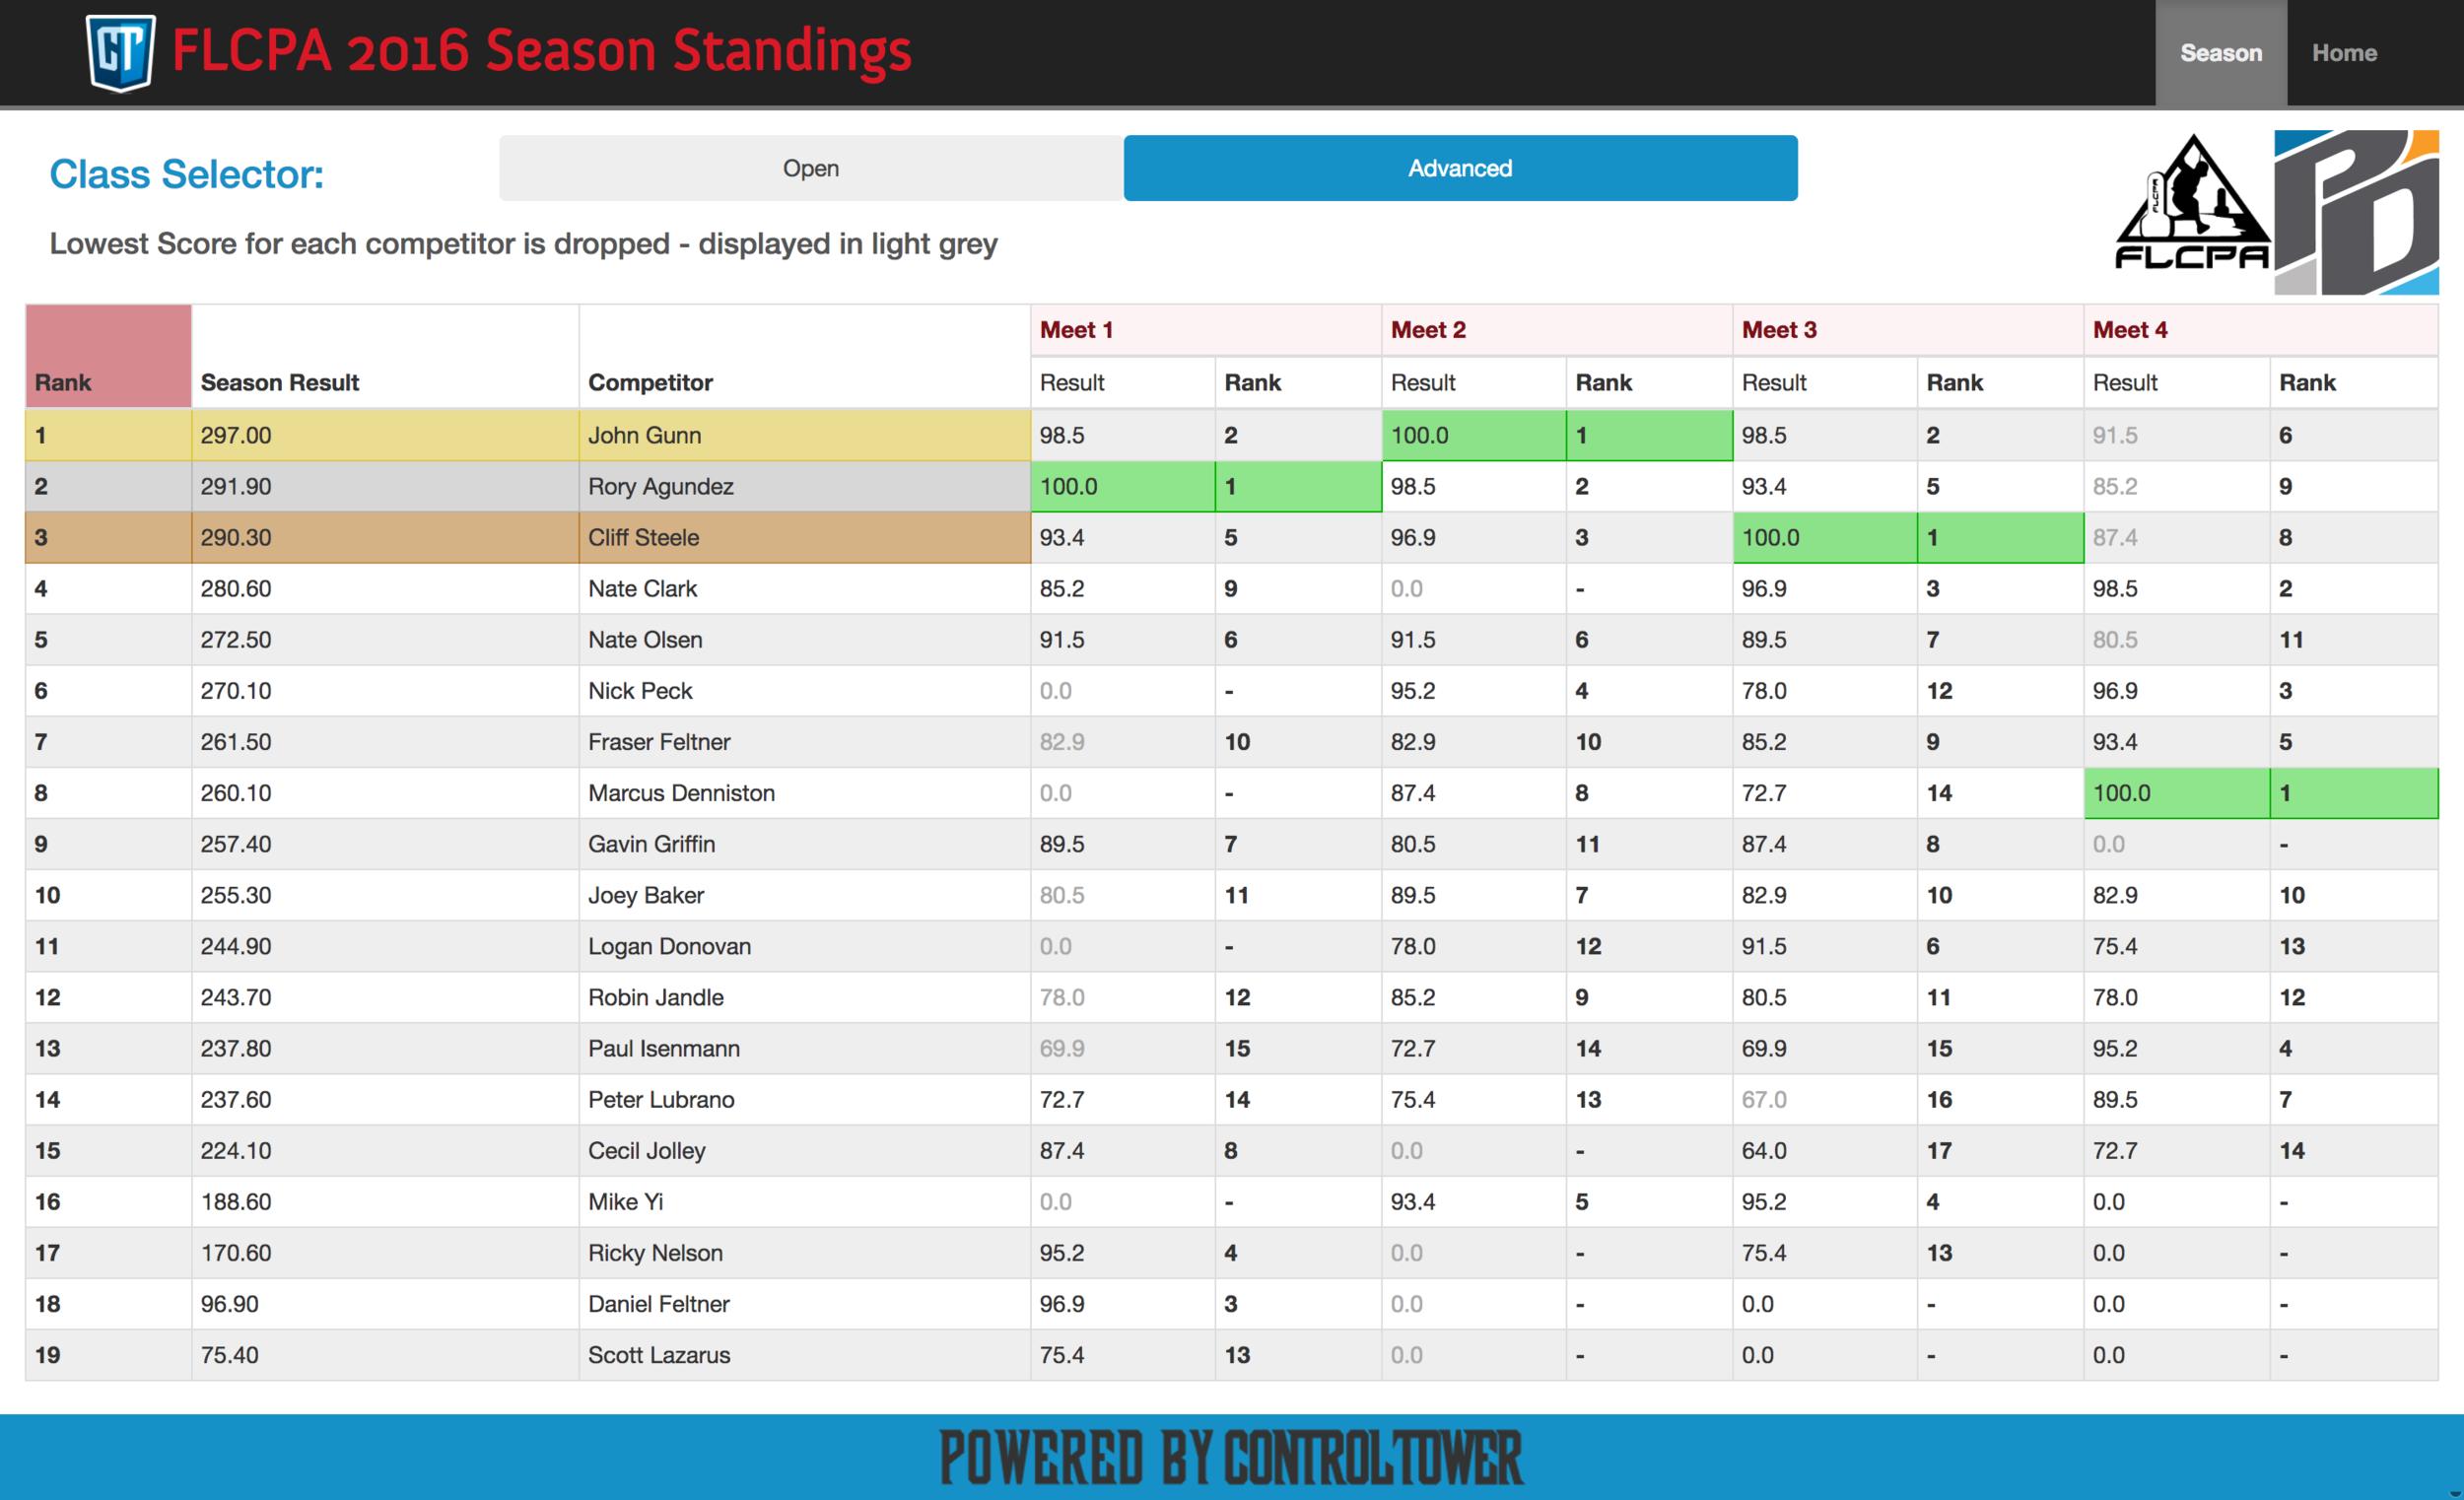 Season Standings